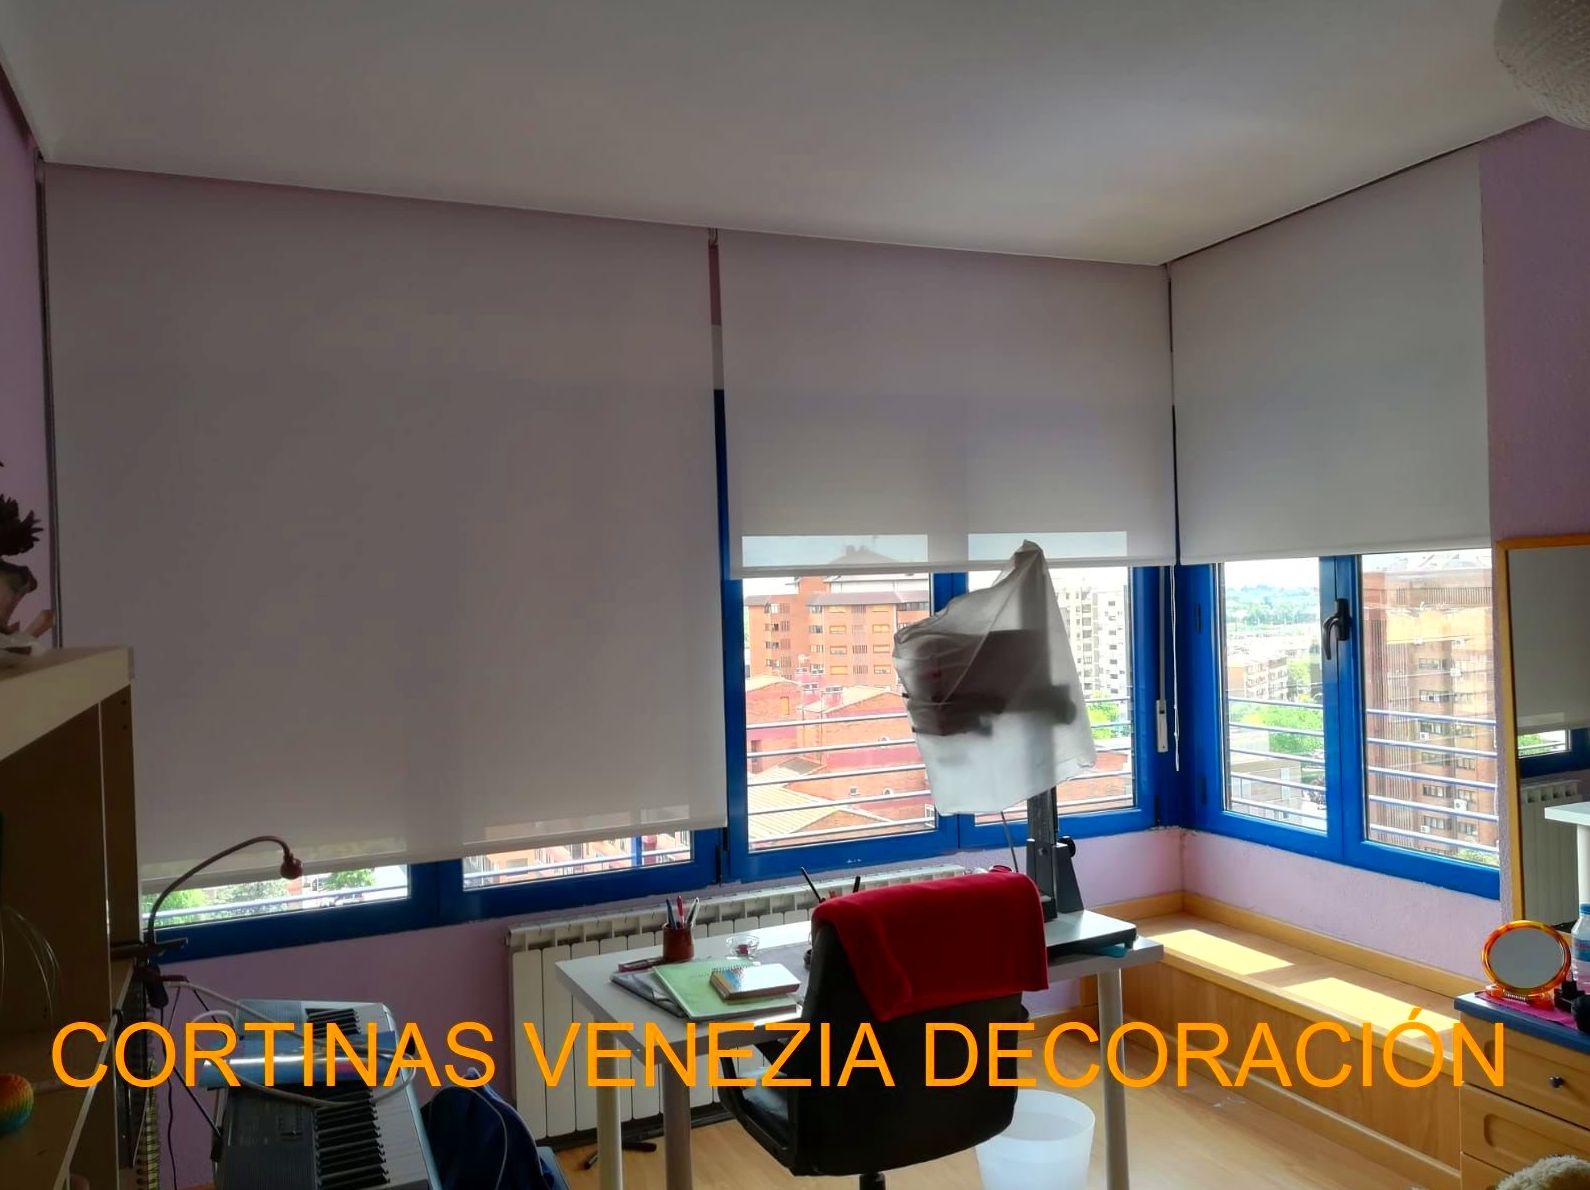 Foto 142 de Cortinas en Albacete | Venezia Decoración